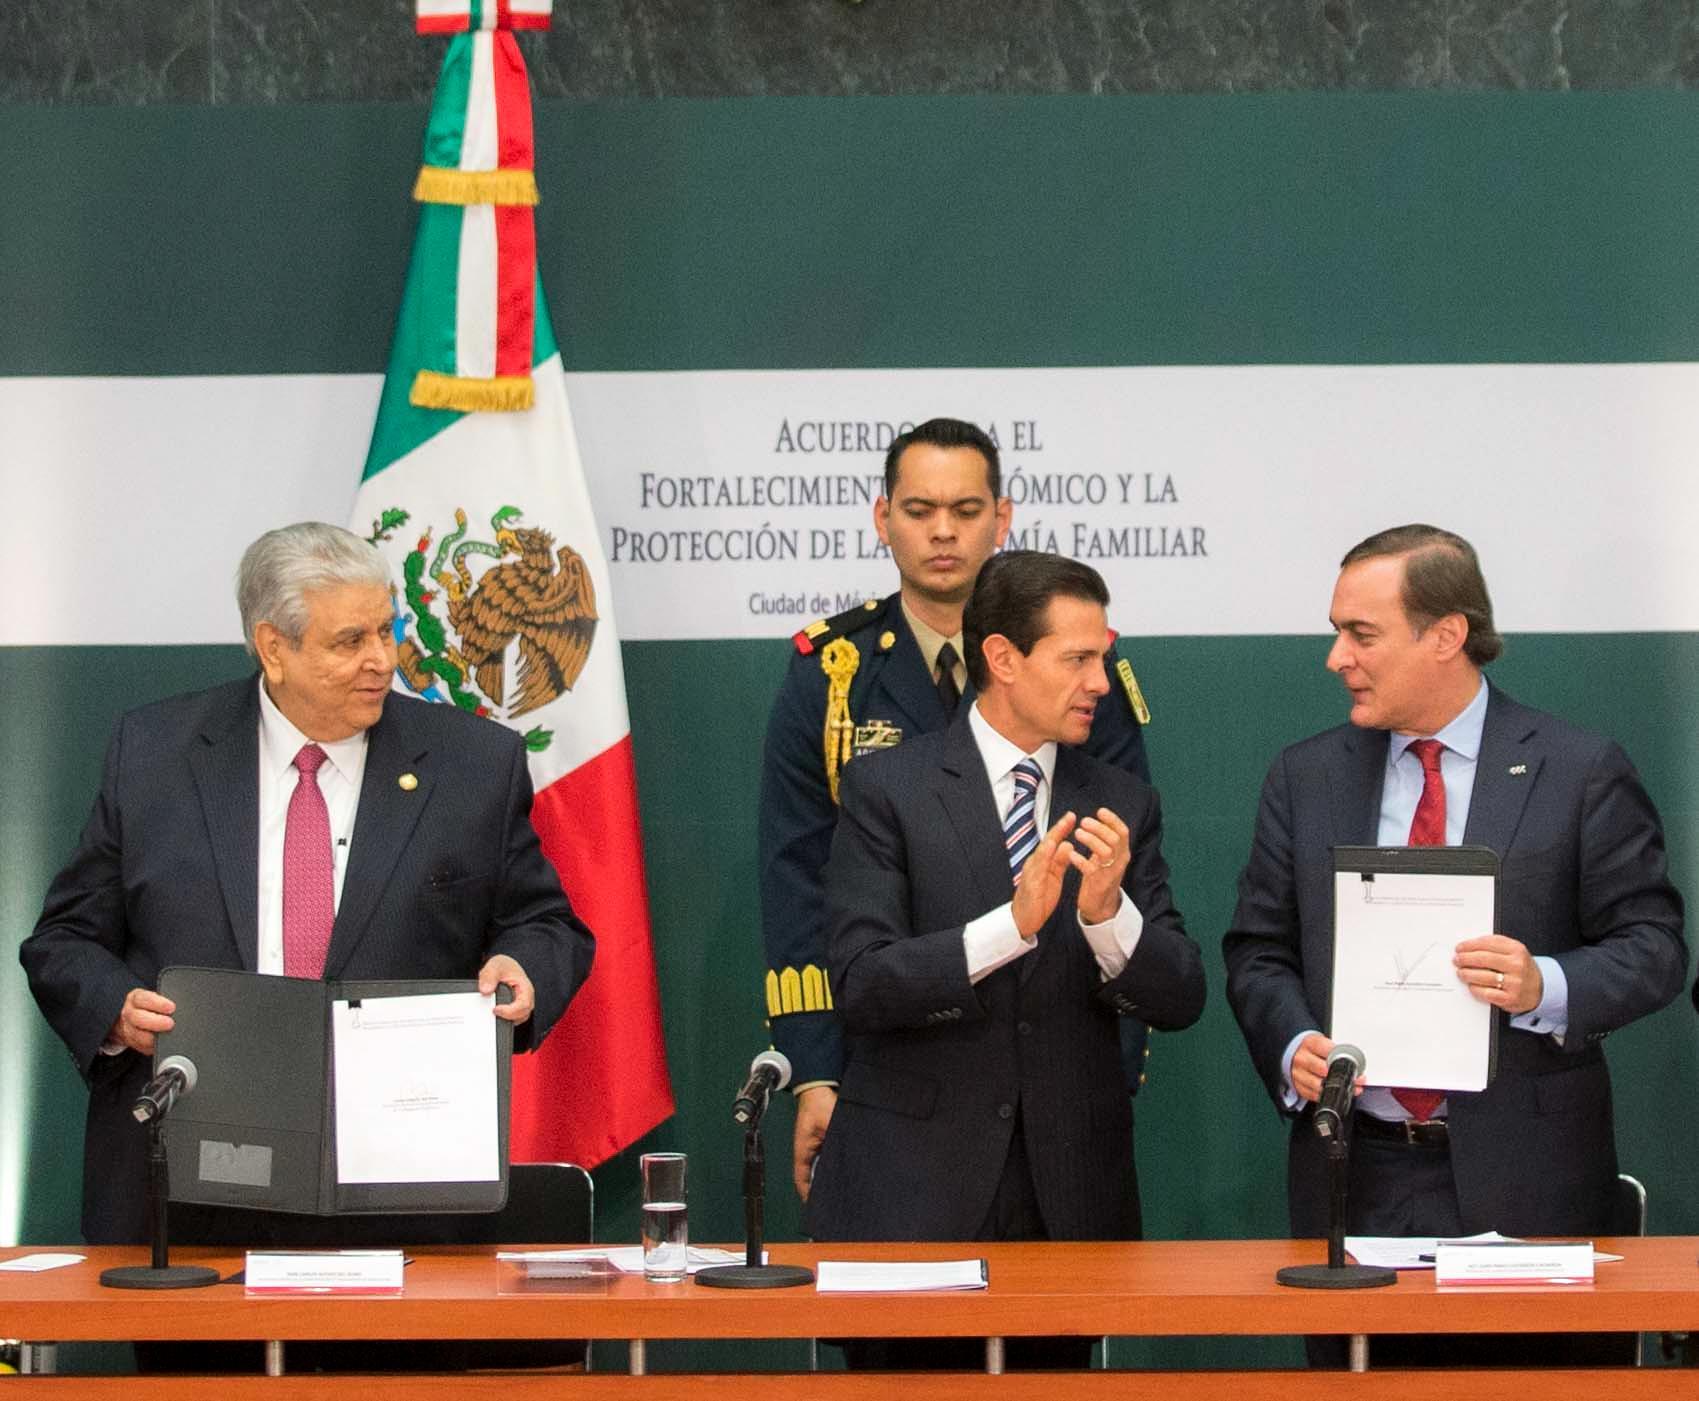 Quienes suscribieron el Acuerdo, se han comprometido a preservar el Estado de Derecho y a fortalecer la cultura de la legalidad.